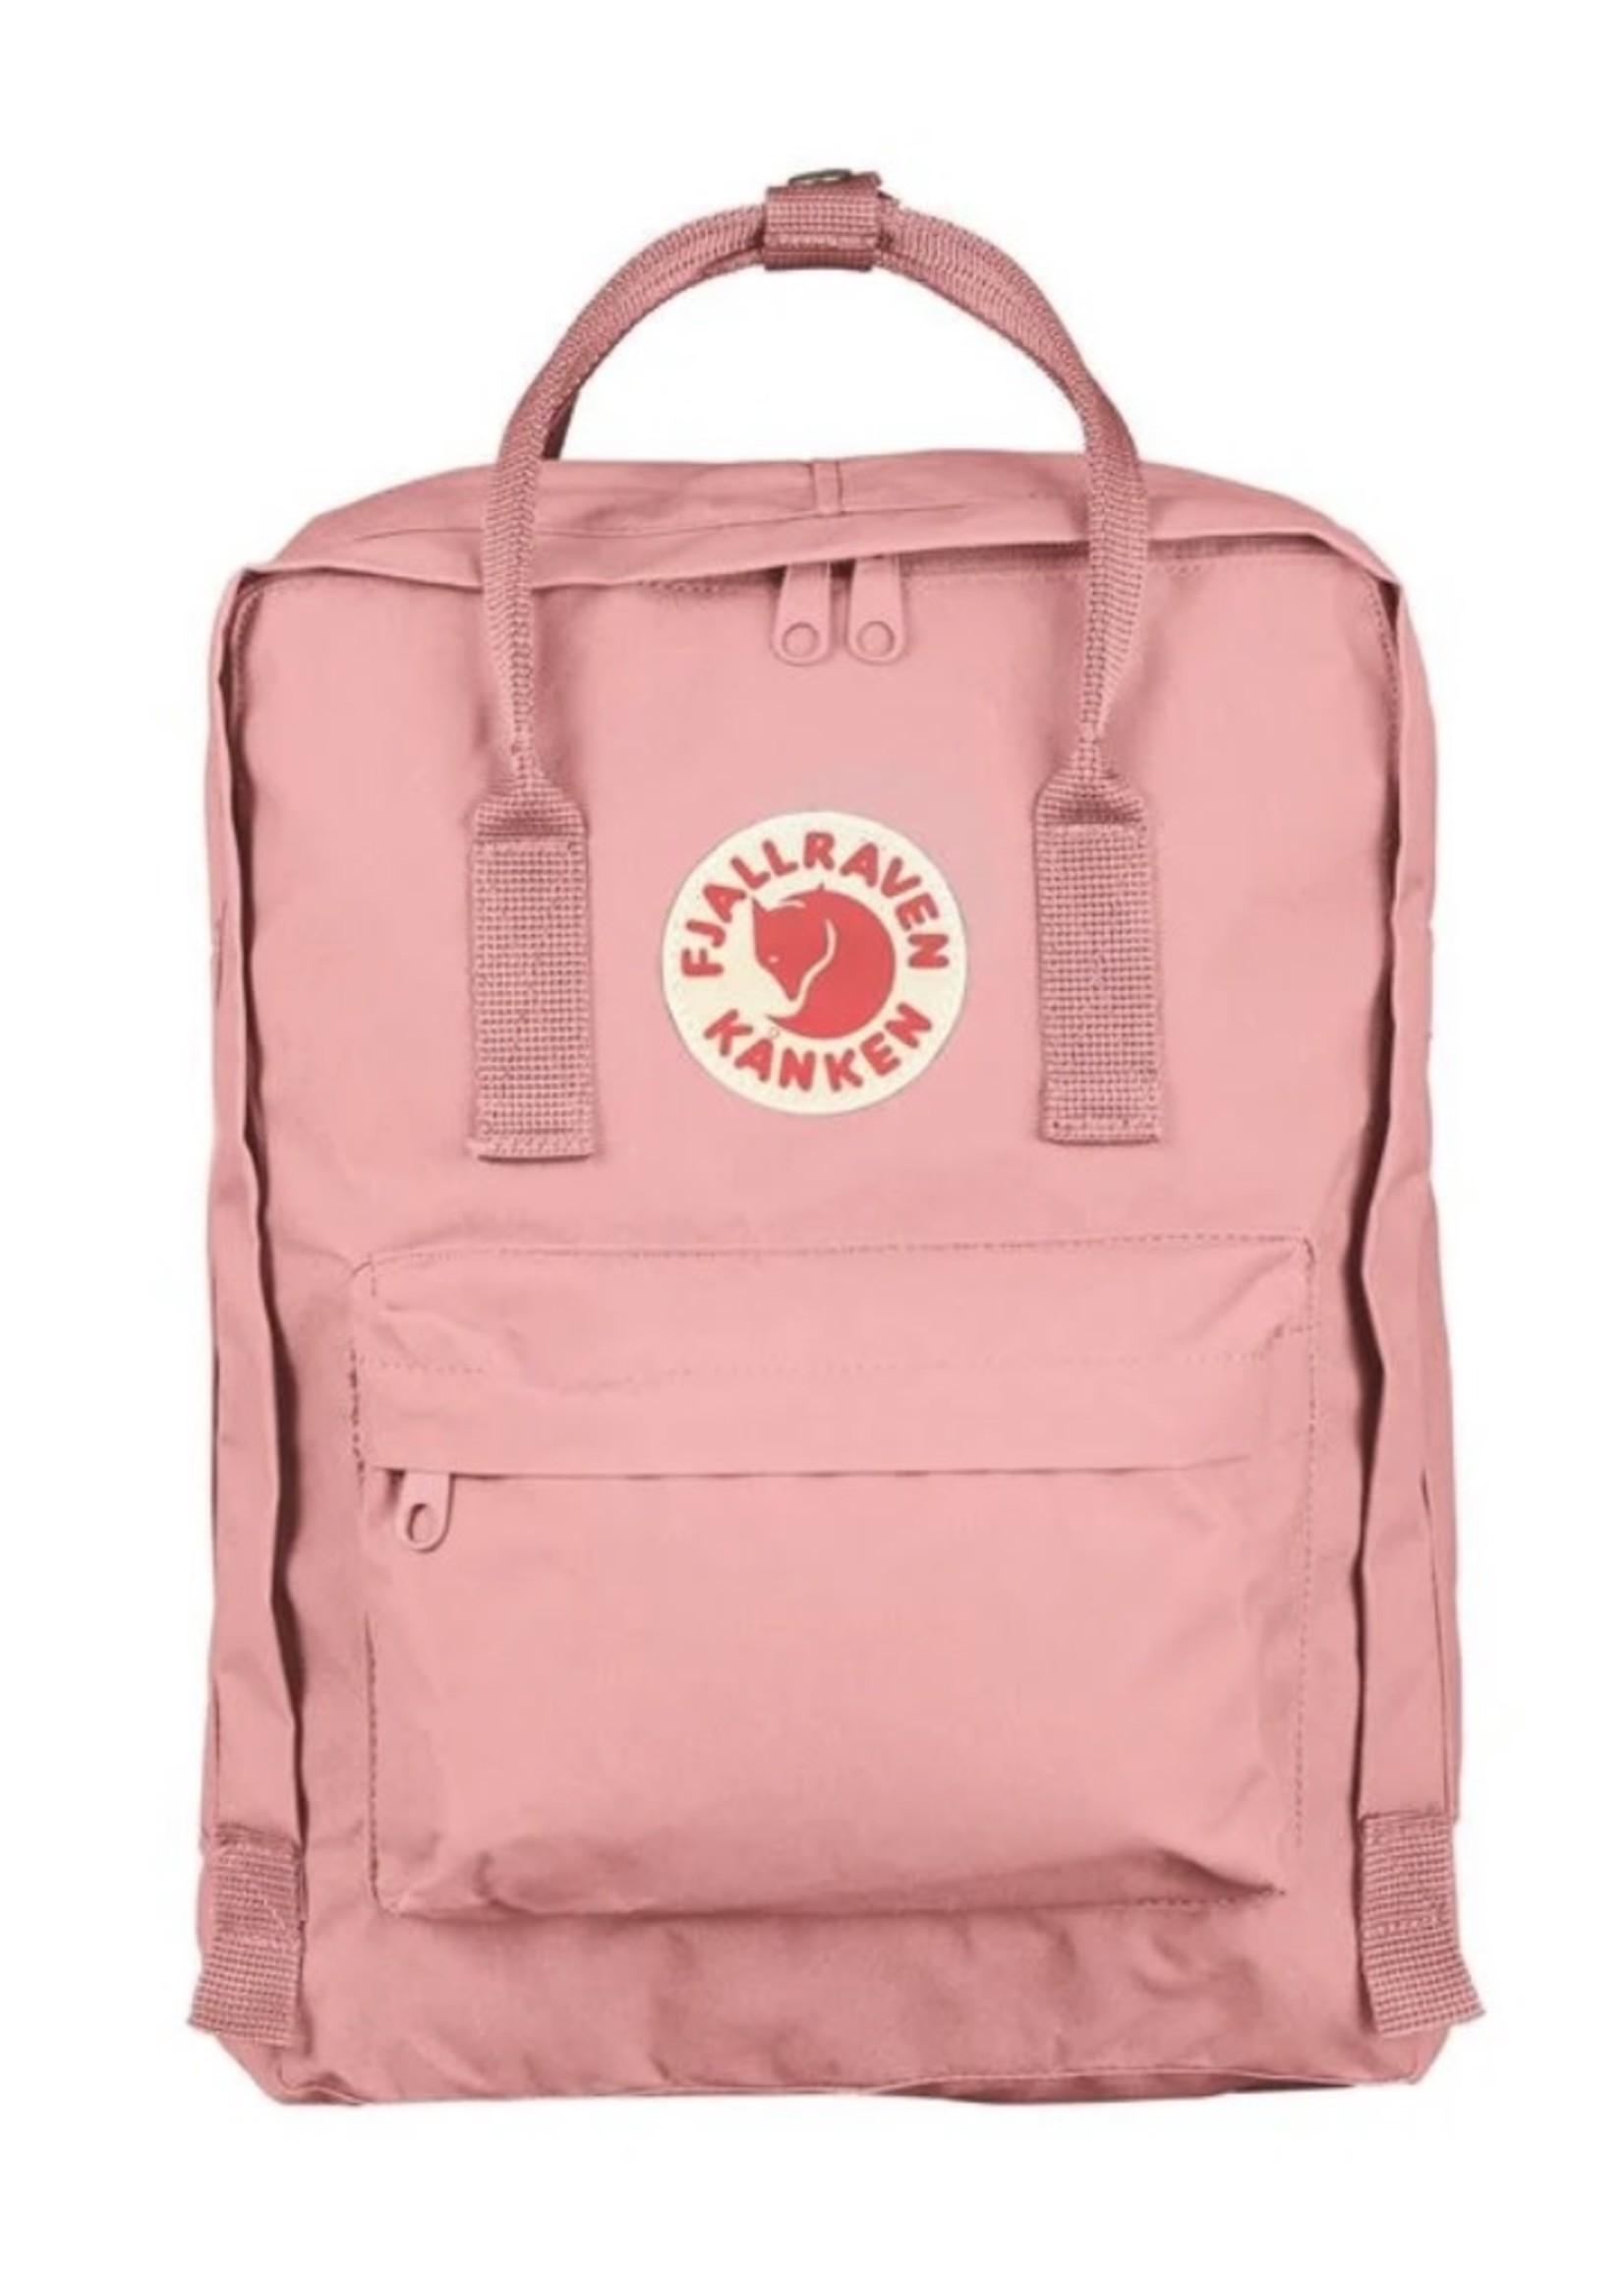 FJALL RAVEN Kanken Backpack PINK